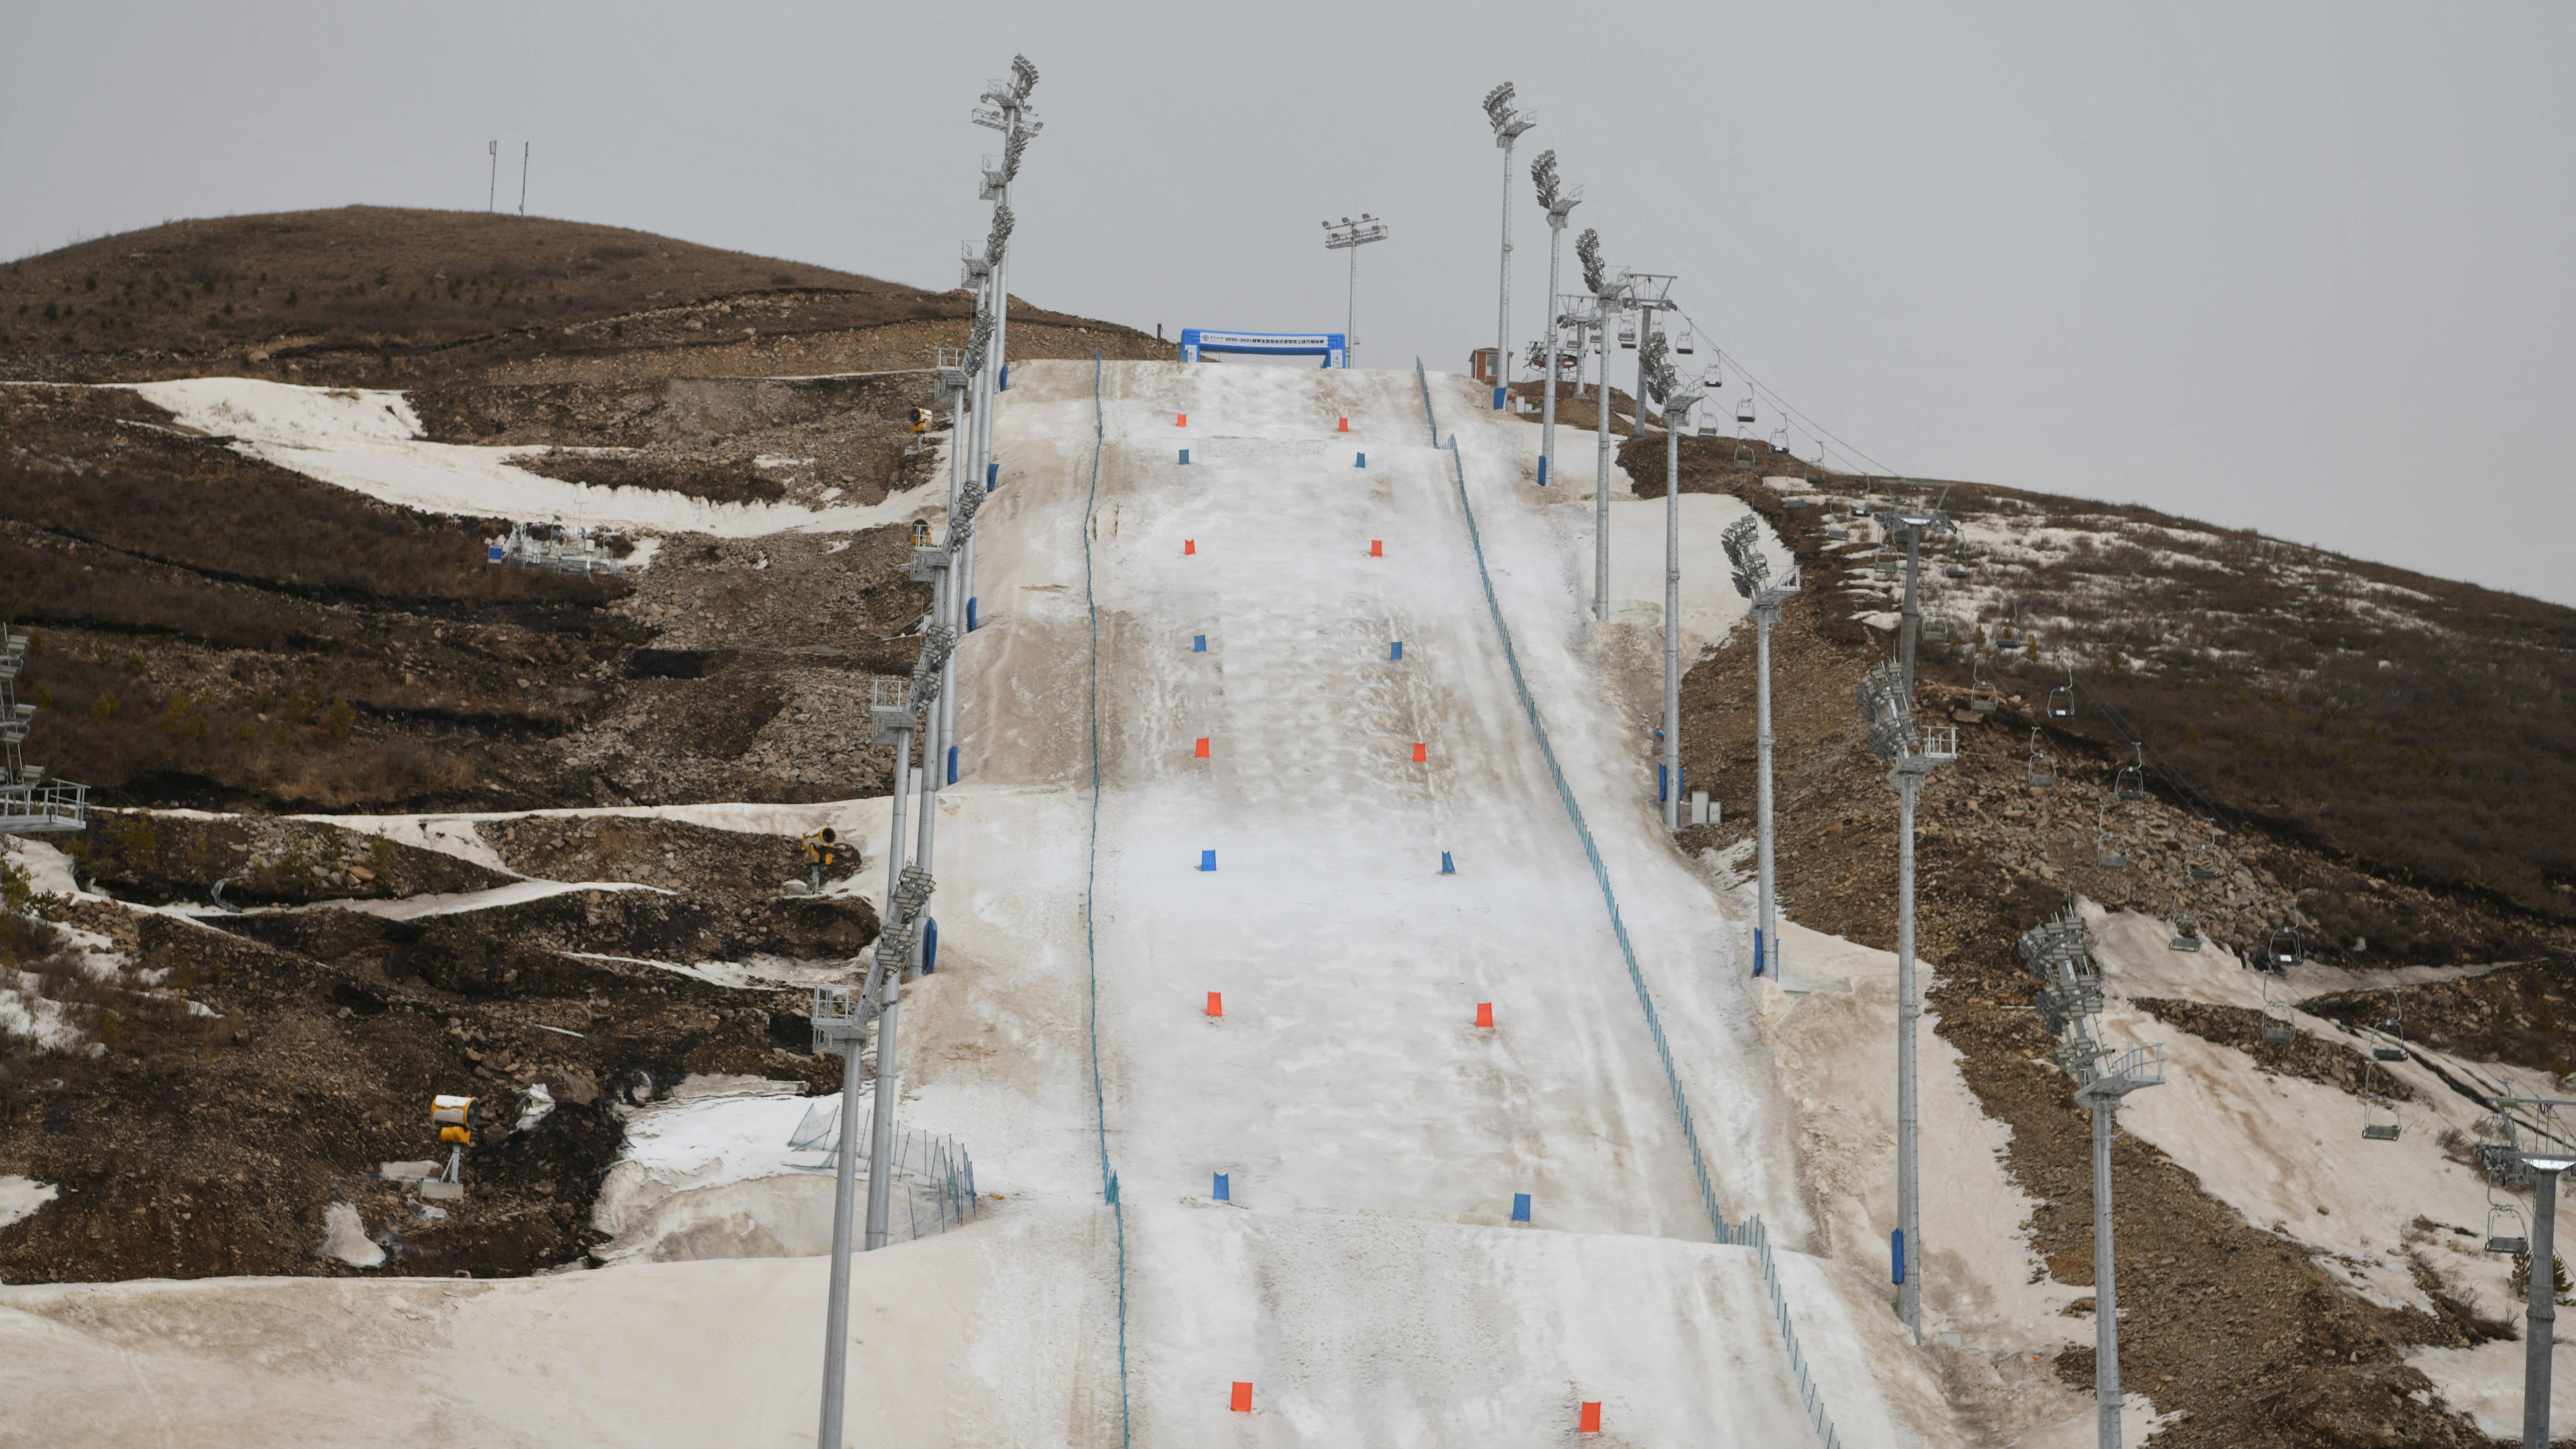 Vaivoin lumen peittämä freestylerinne Zhangjiakoussa.